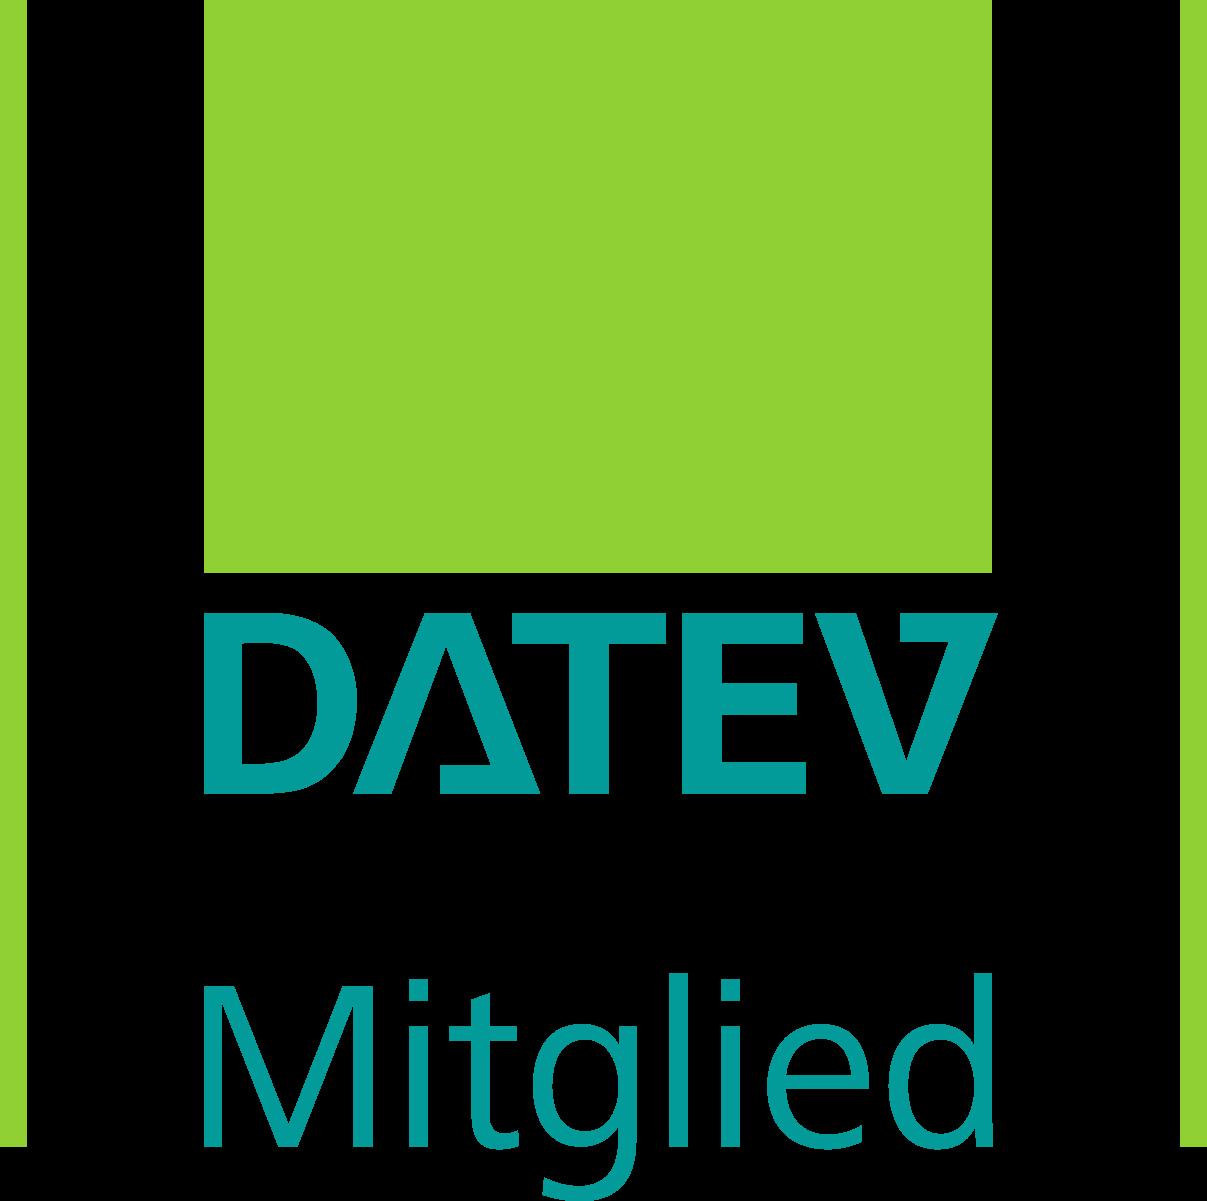 DATEV_Mitglied_100_RGB